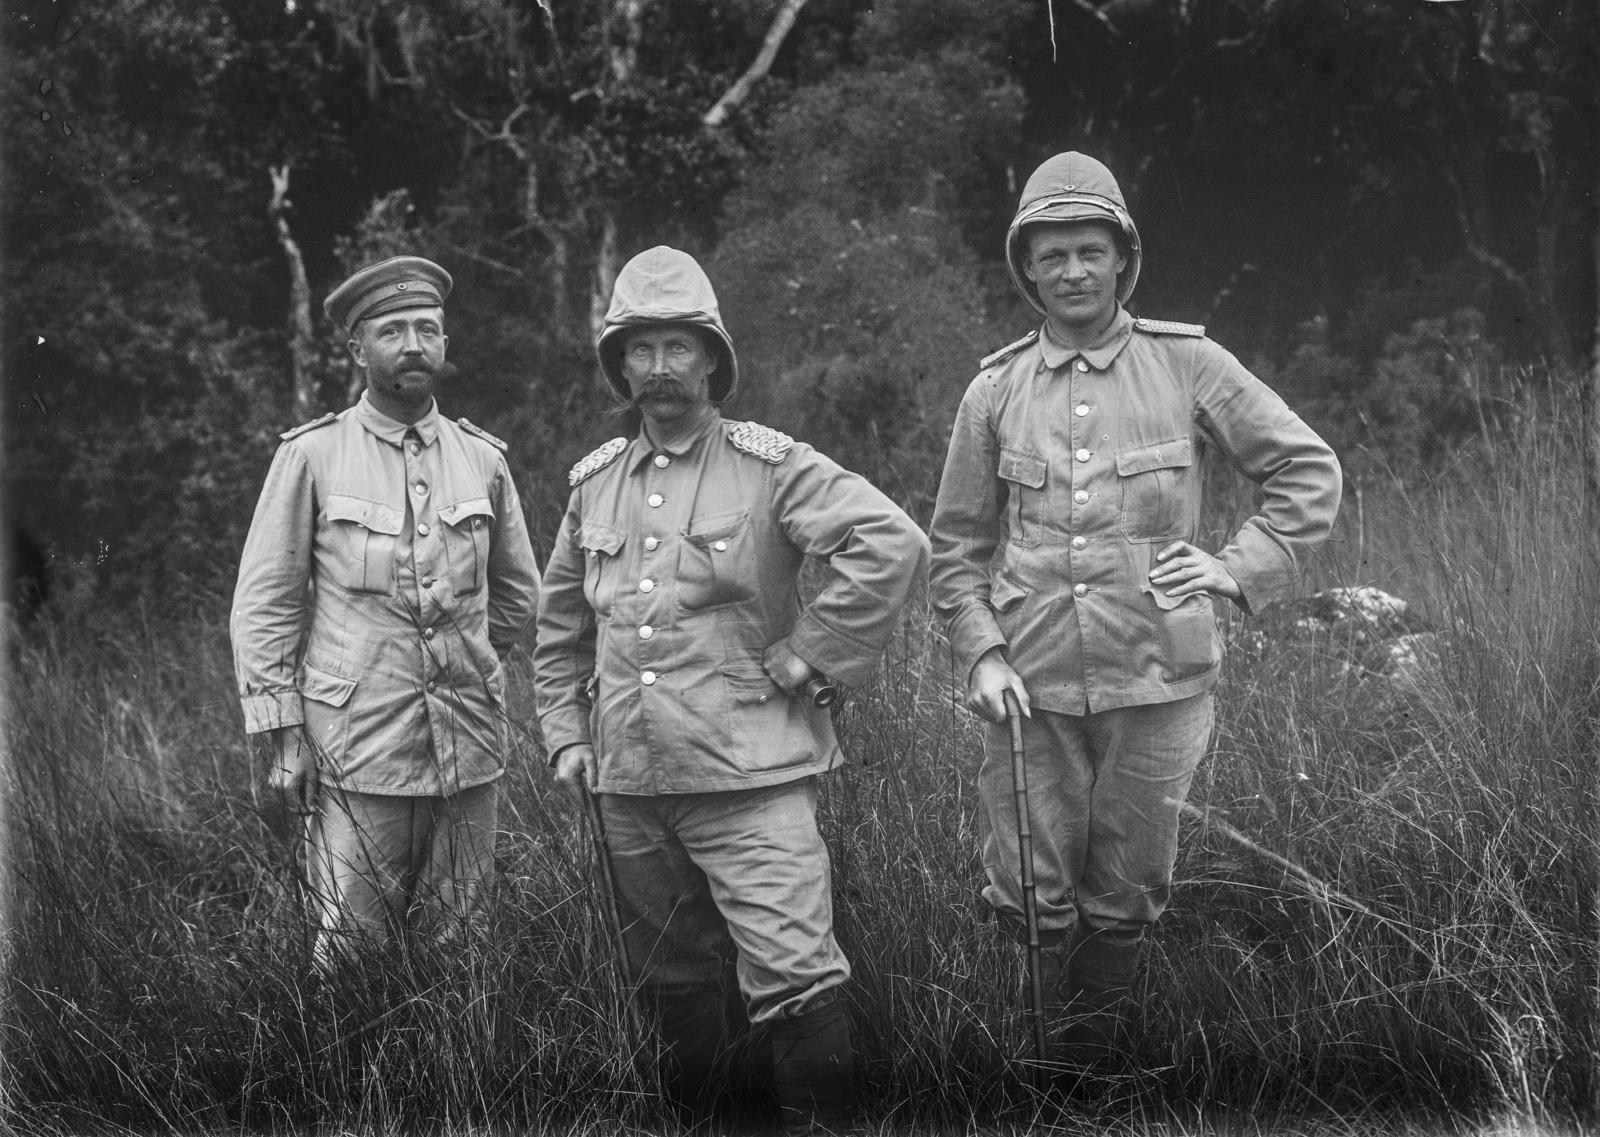 75. Групповой портрет капитана Курта Йоханнеса (слева), графа Ганса Г*еррмана фон Швайниц (справа) и еще одного человека